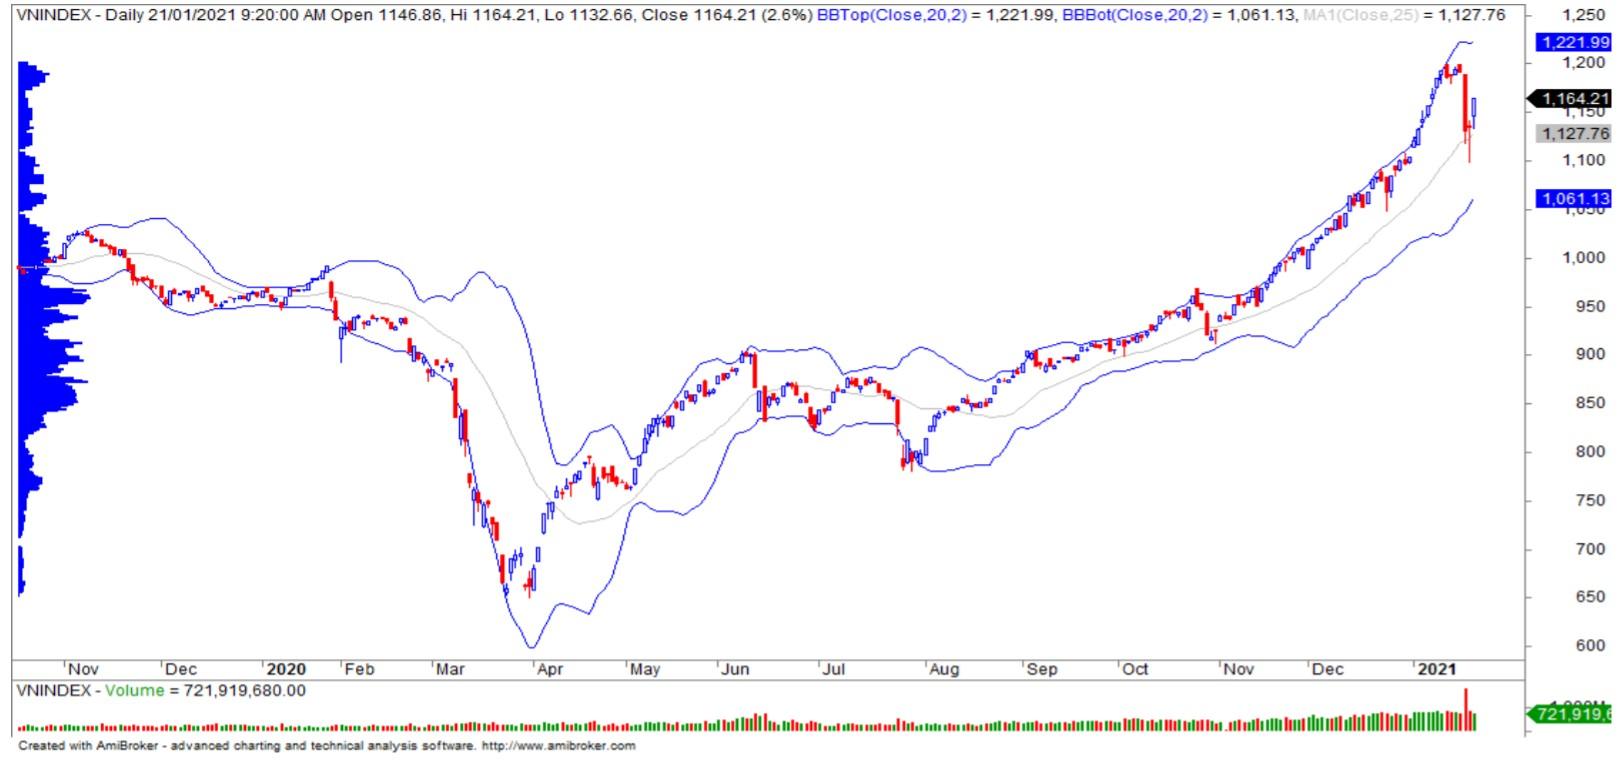 Nhận định thị trường chứng khoán ngày 22/1: Trở lại đường đua chinh phục đỉnh lịch sử 1.200 điểm? - Ảnh 1.